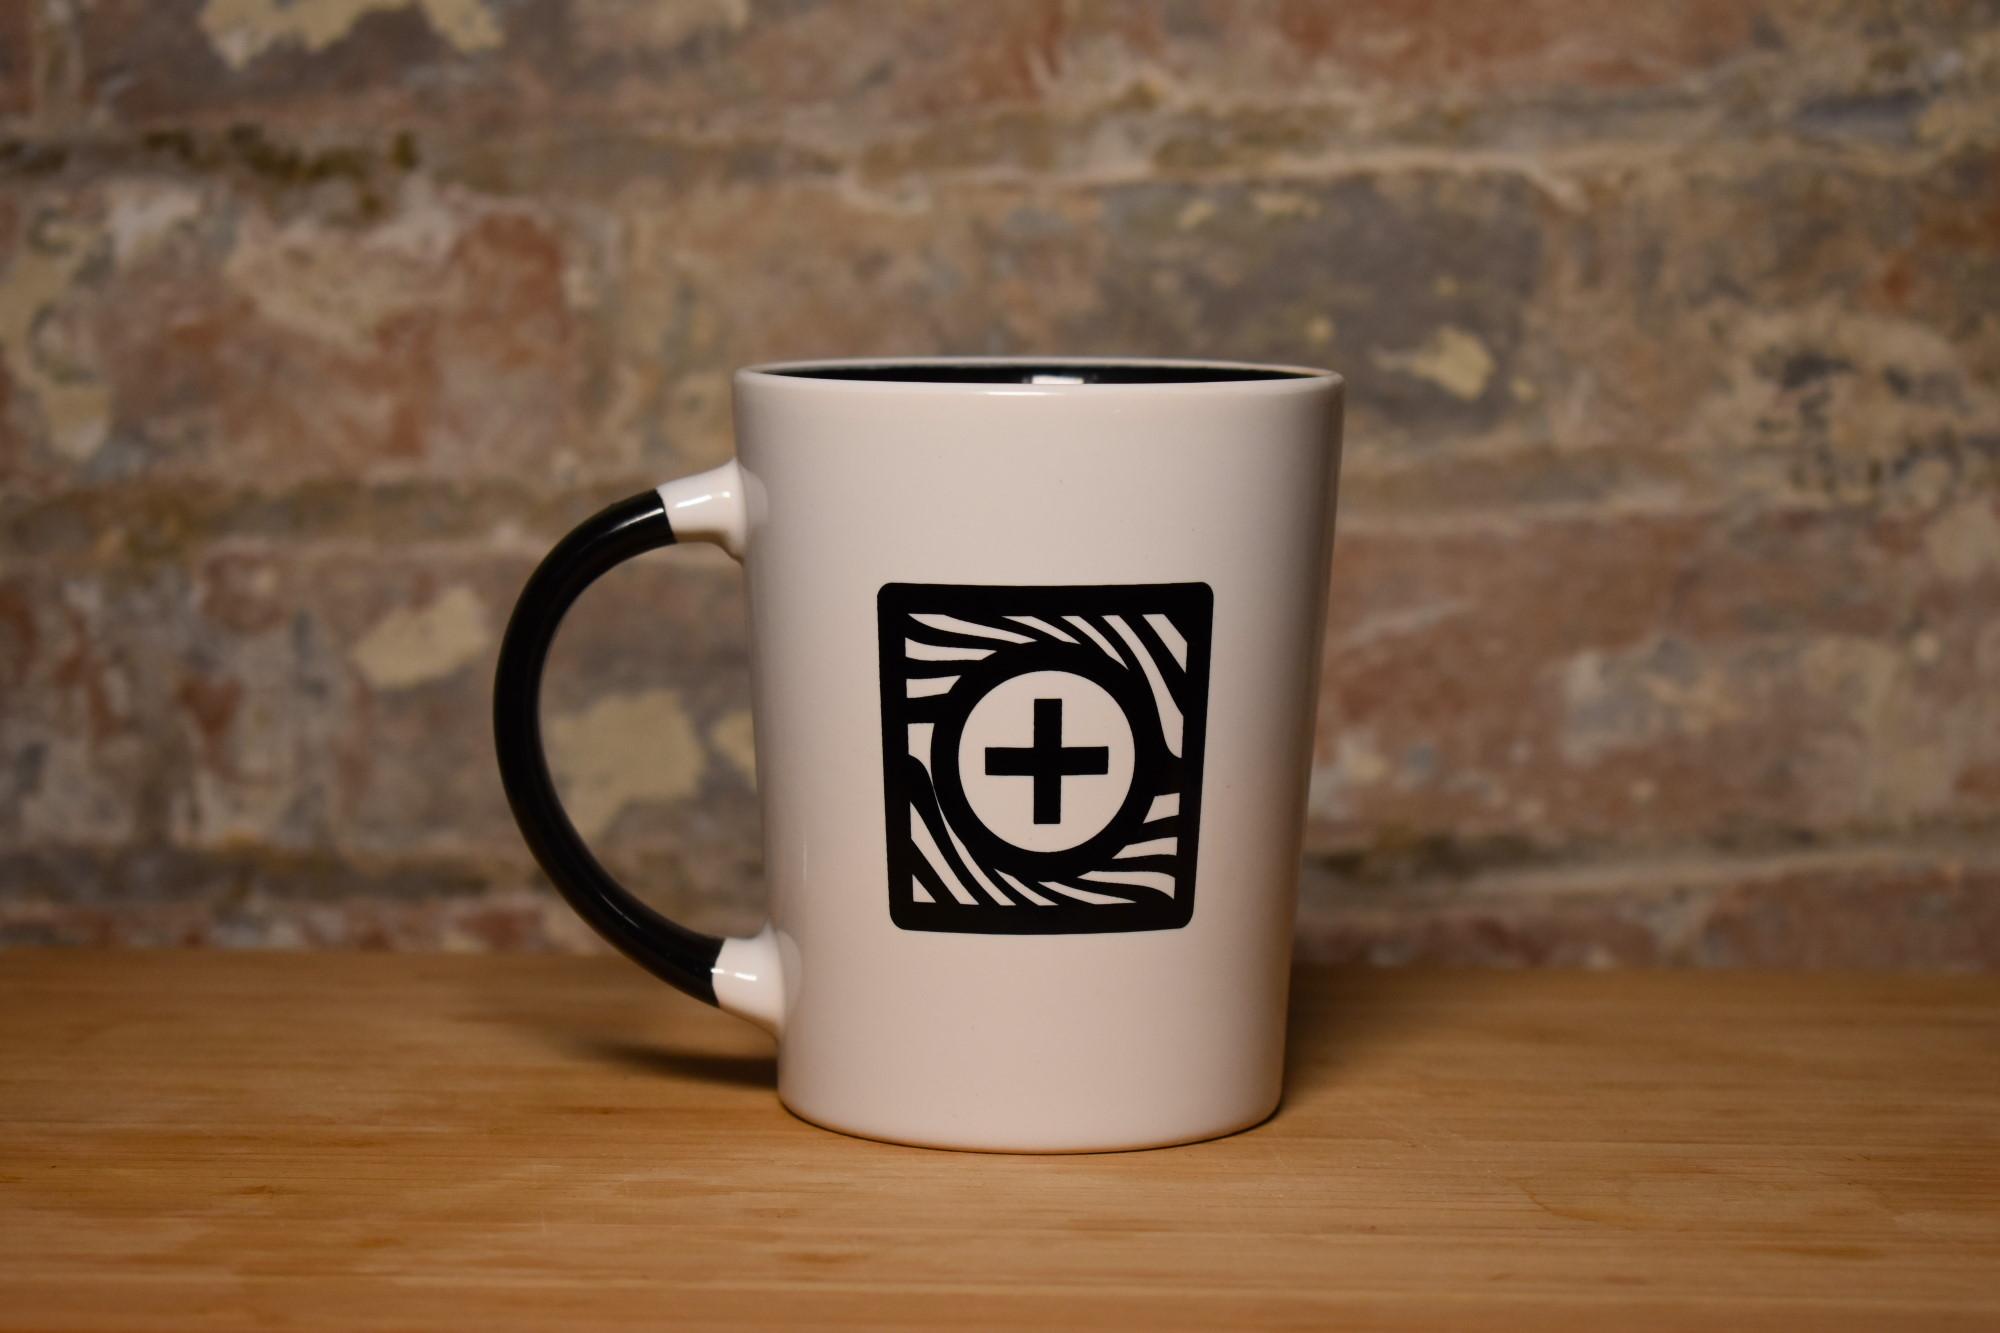 Wavy Stem Mug